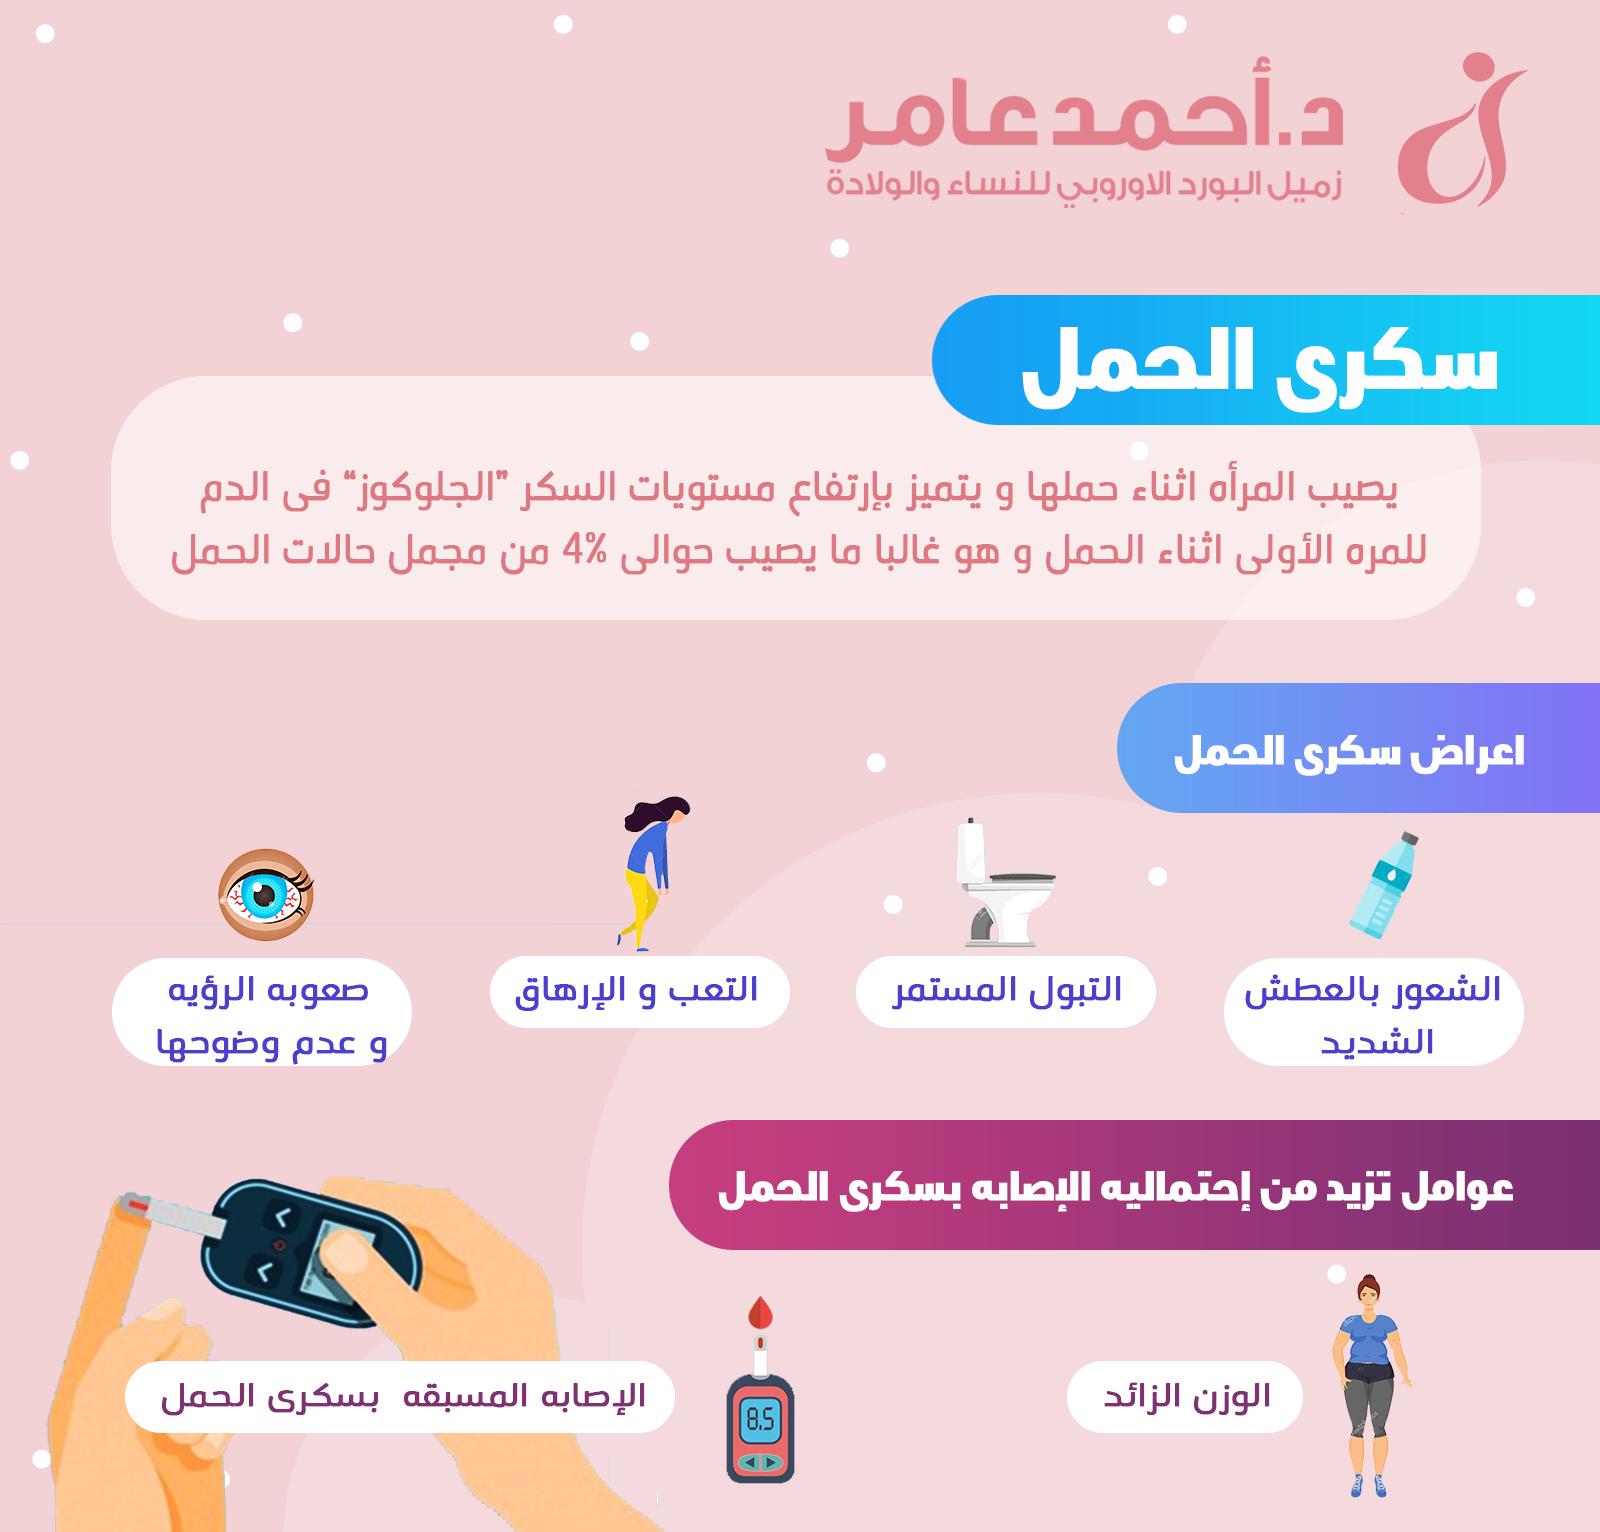 سكري الحمل وأعراضه